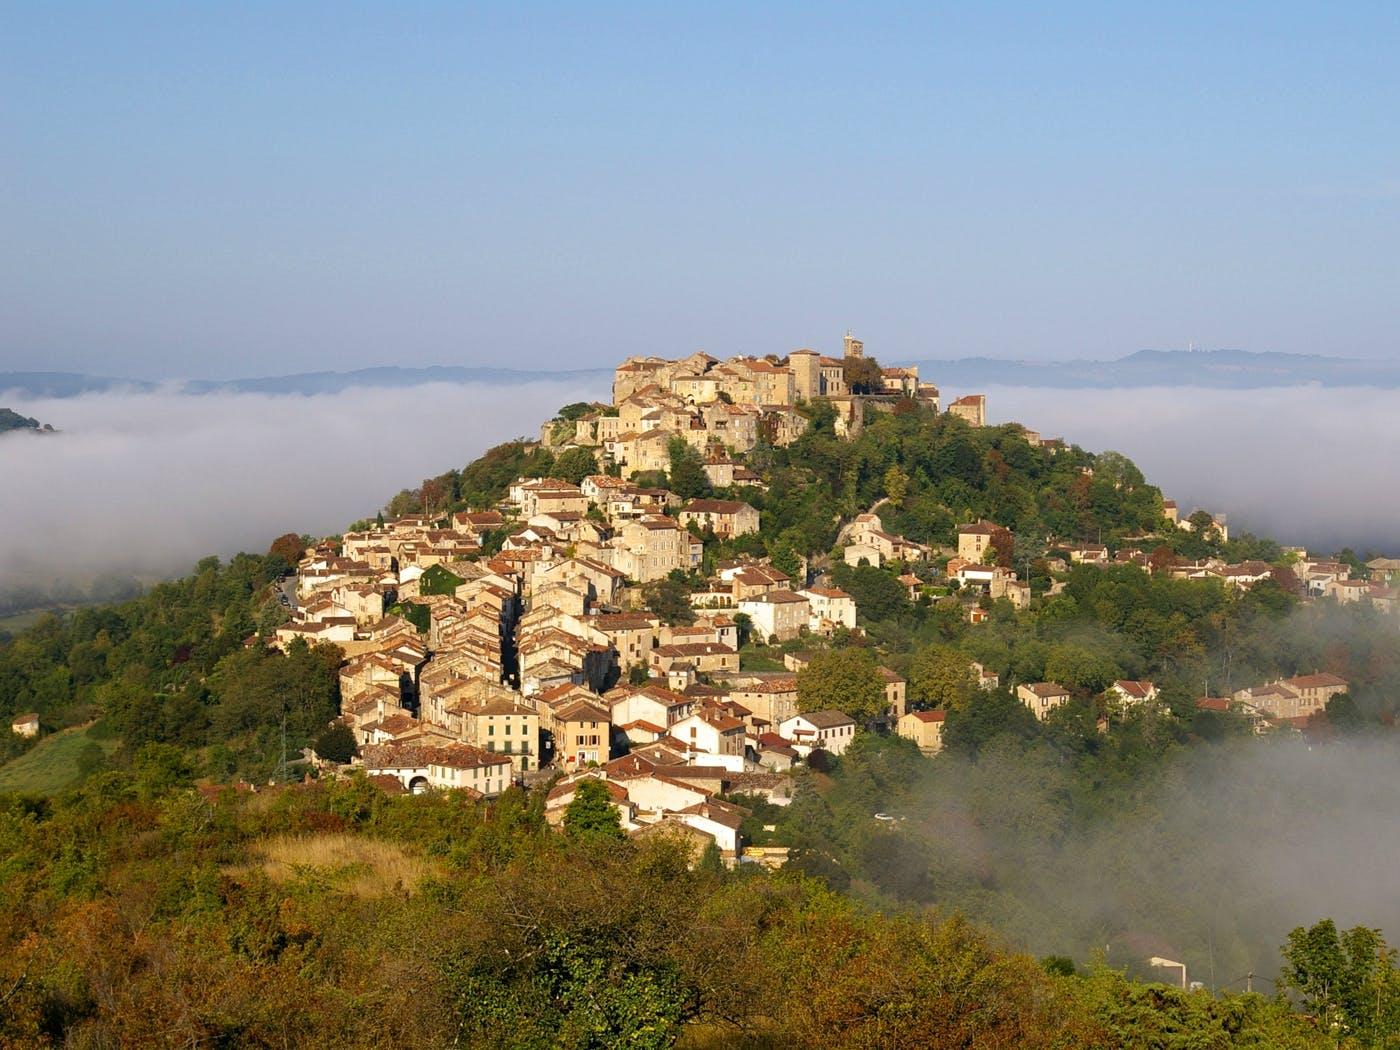 Vue aérienne de la cité médiévale de Cordes sur Ciel